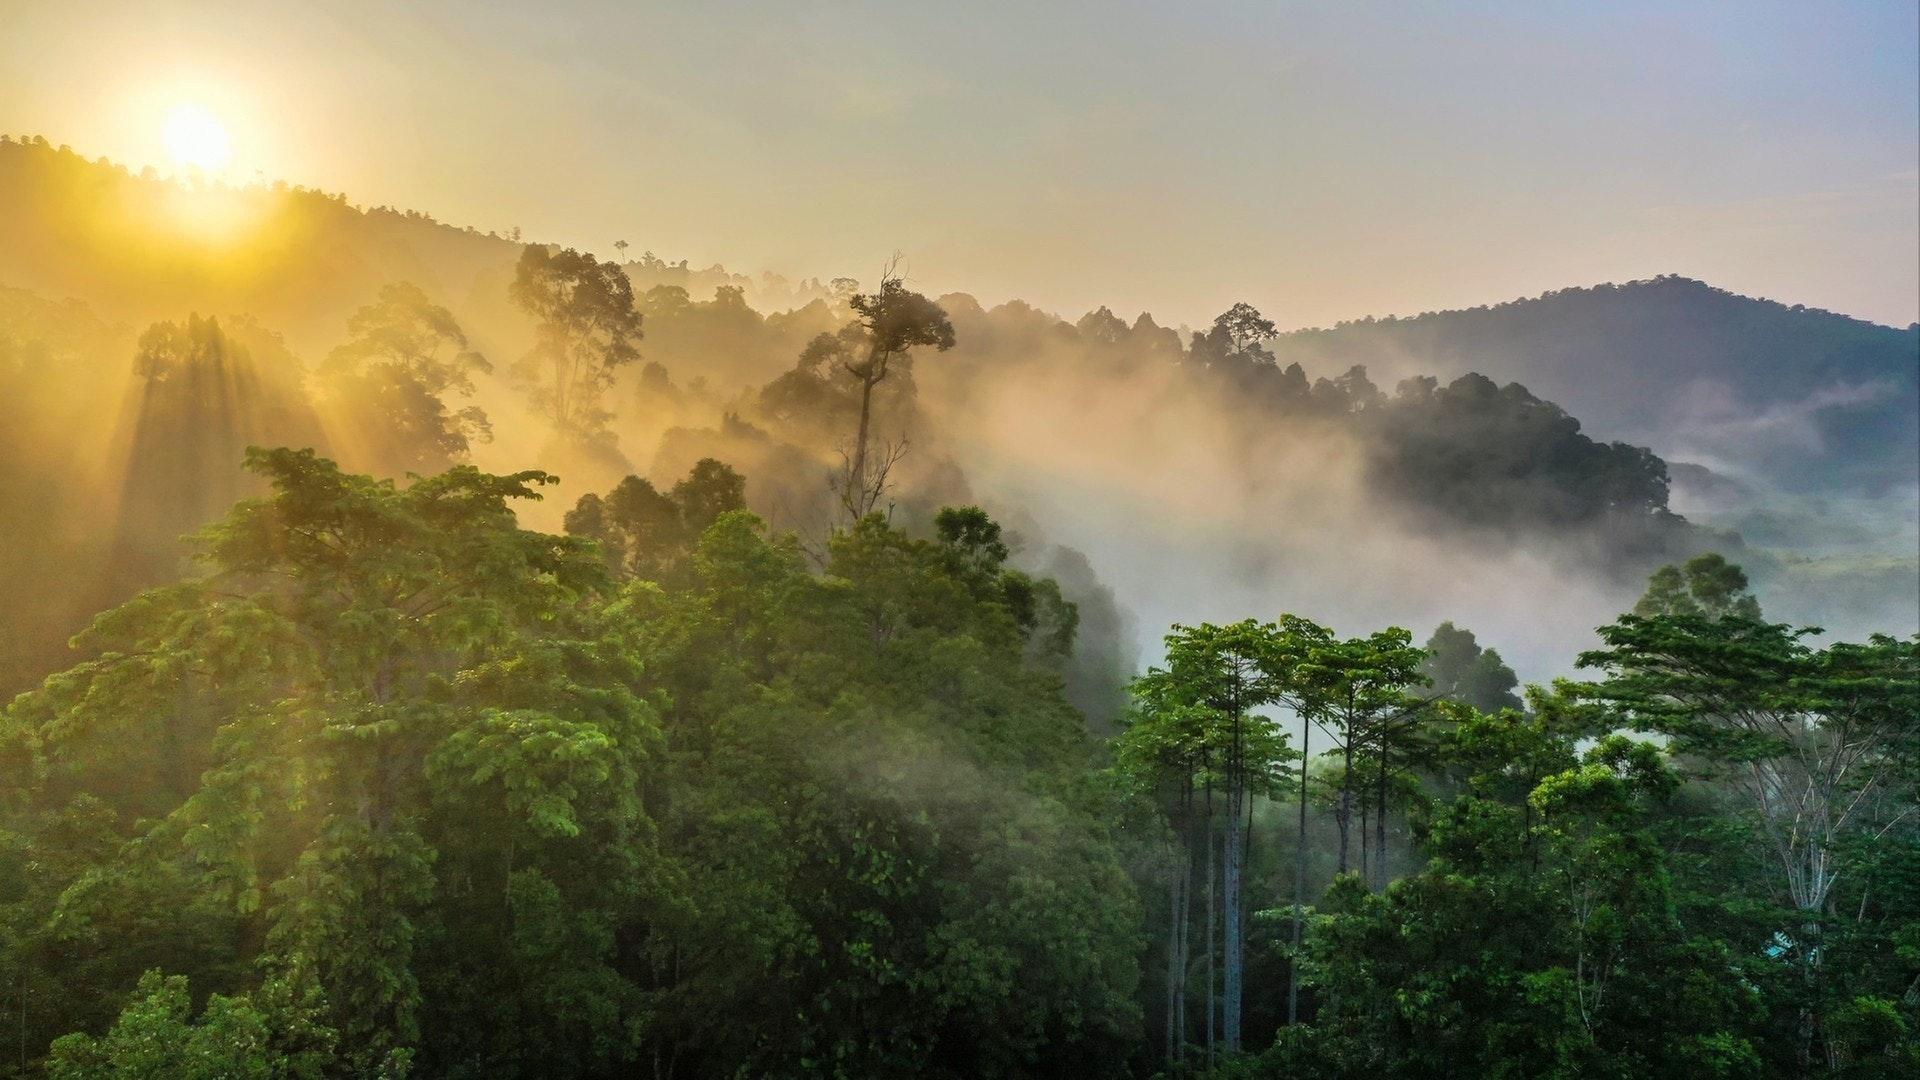 Floresta tropical, Vista deslumbrante da Floresta Tropical de Bornéu com névoa e raios de nevoeiro do nascer do sol